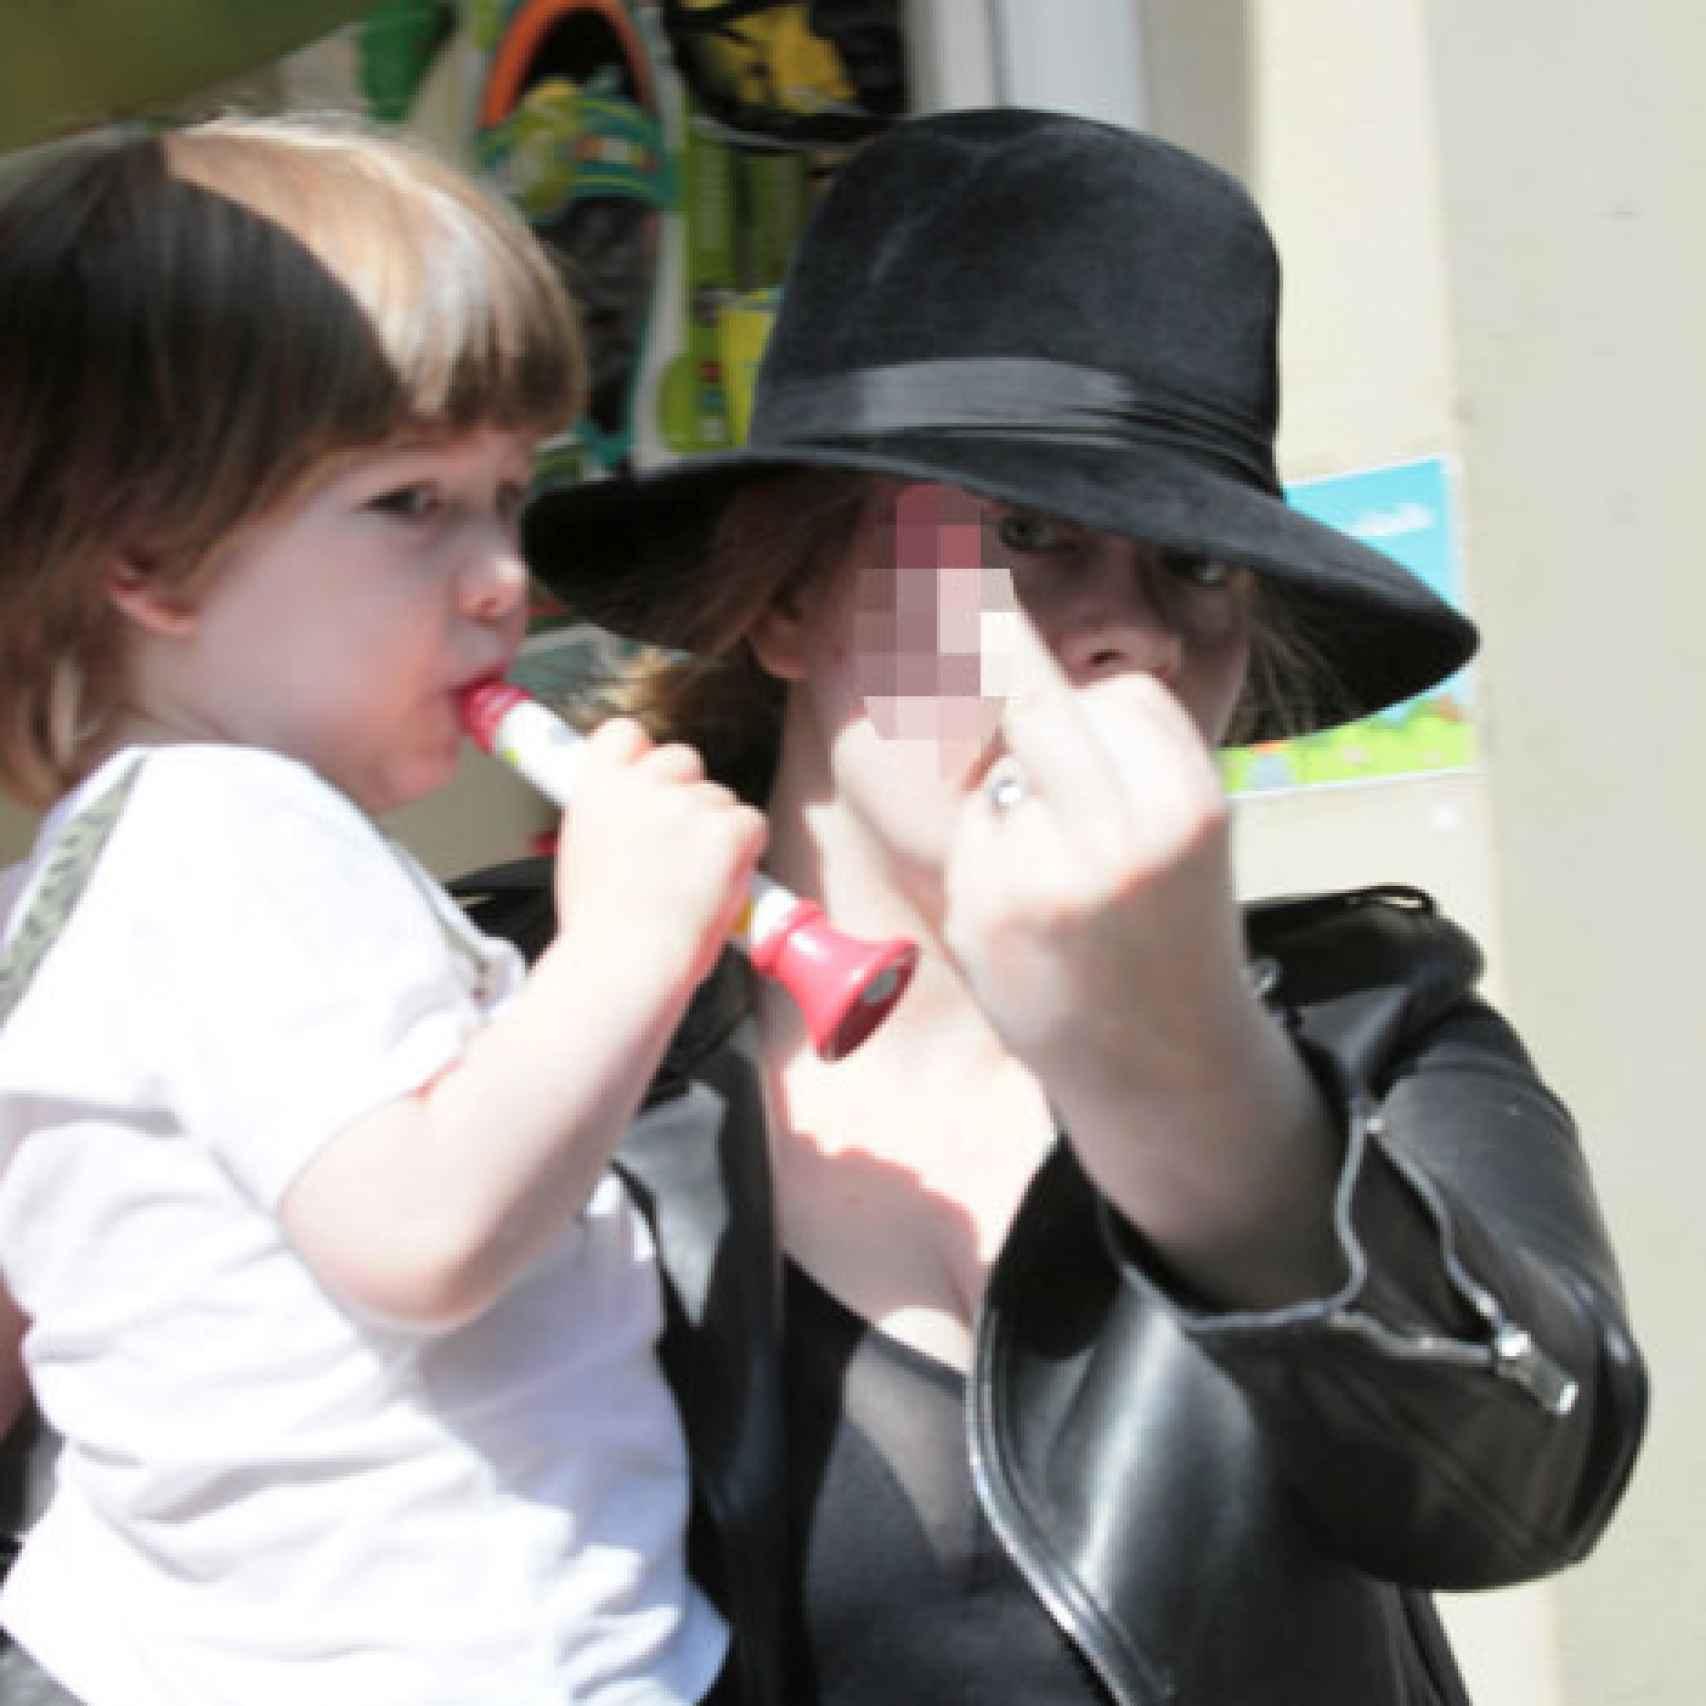 La cantante Adele con su hijo en brazos